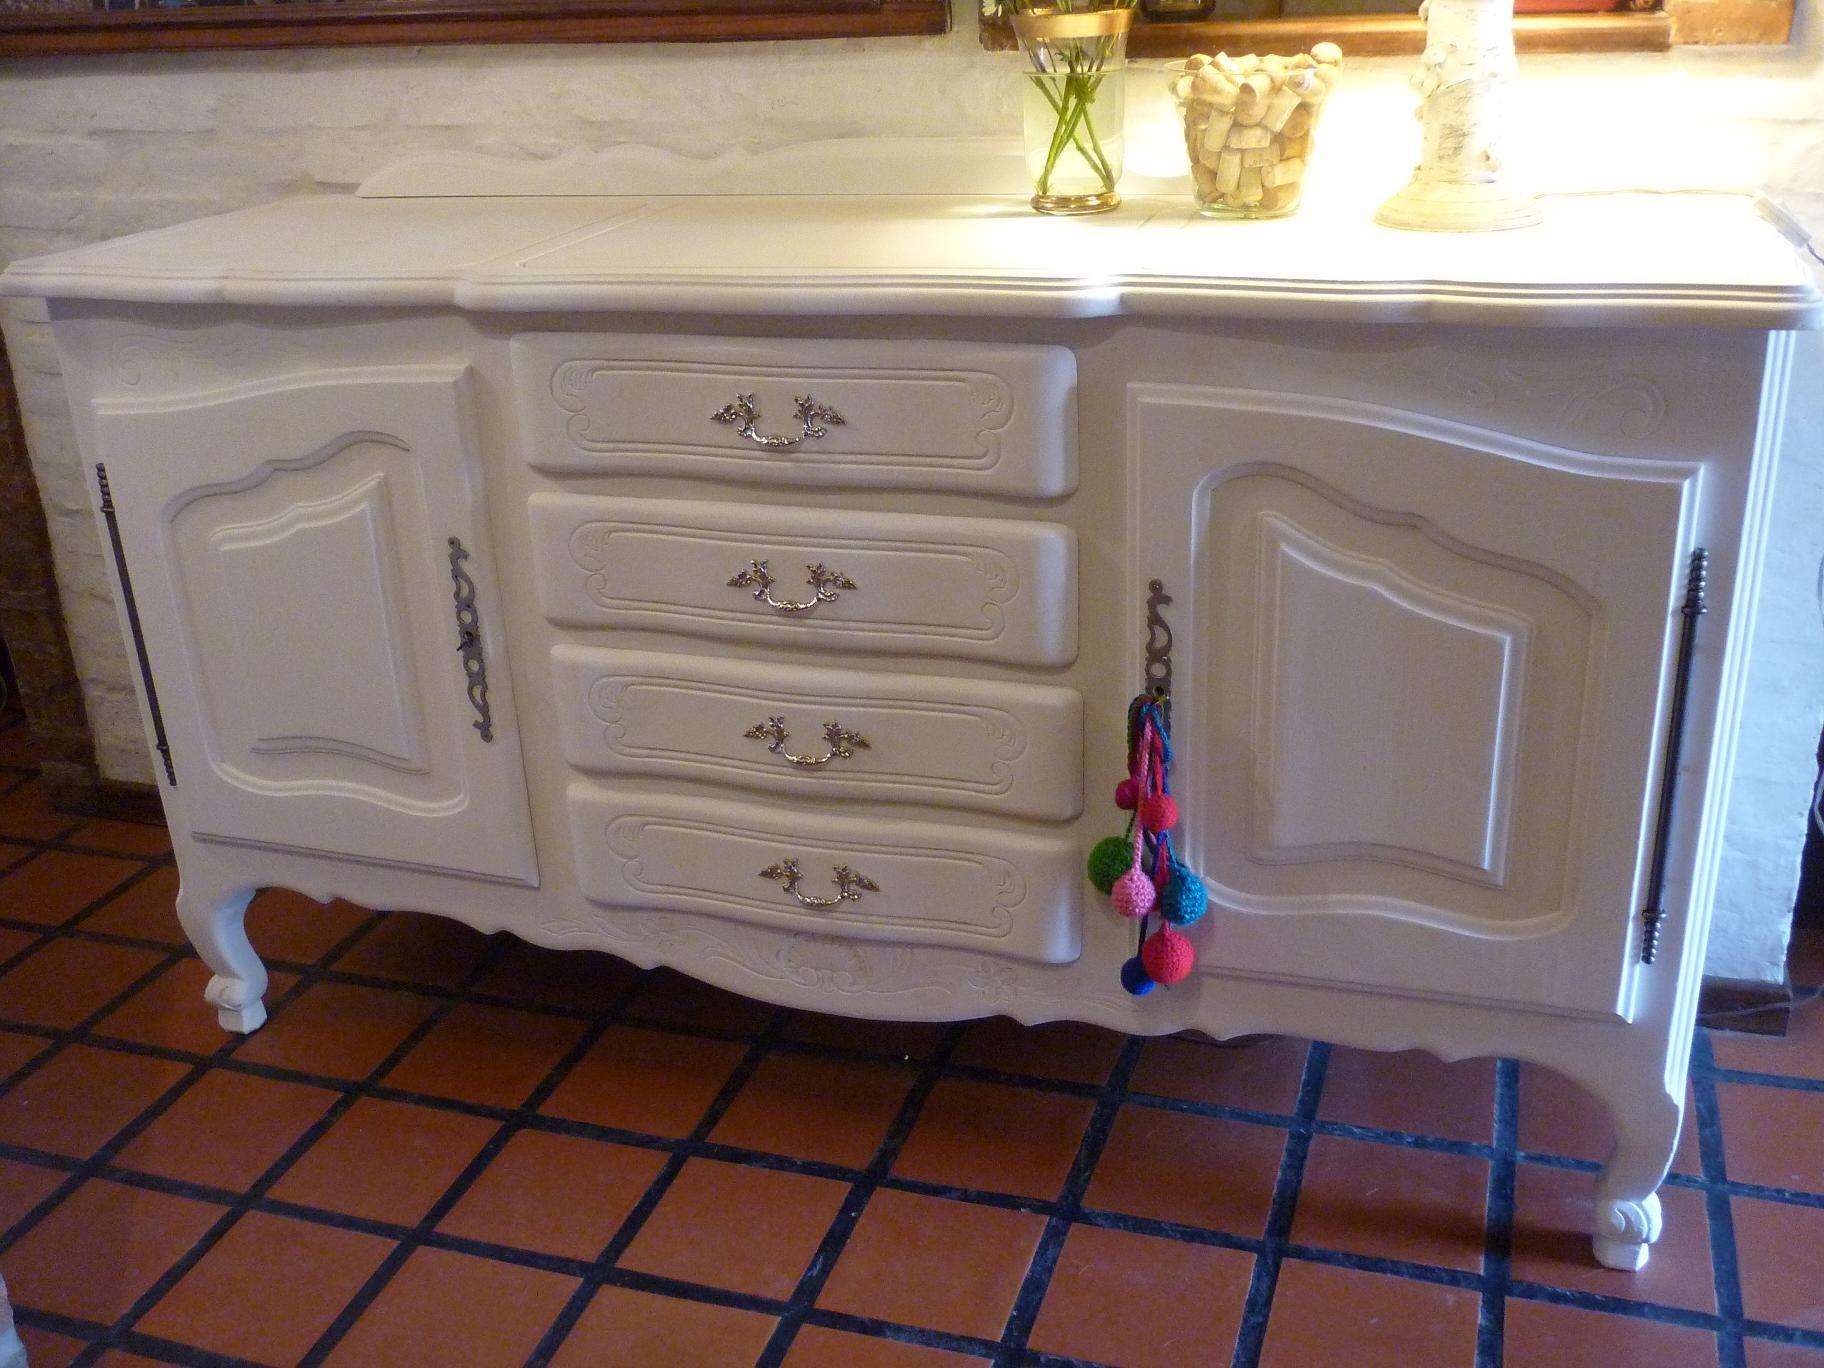 Vajillero aparador antiguo de roble estilo provenzal - Dormitorios estilo provenzal ...